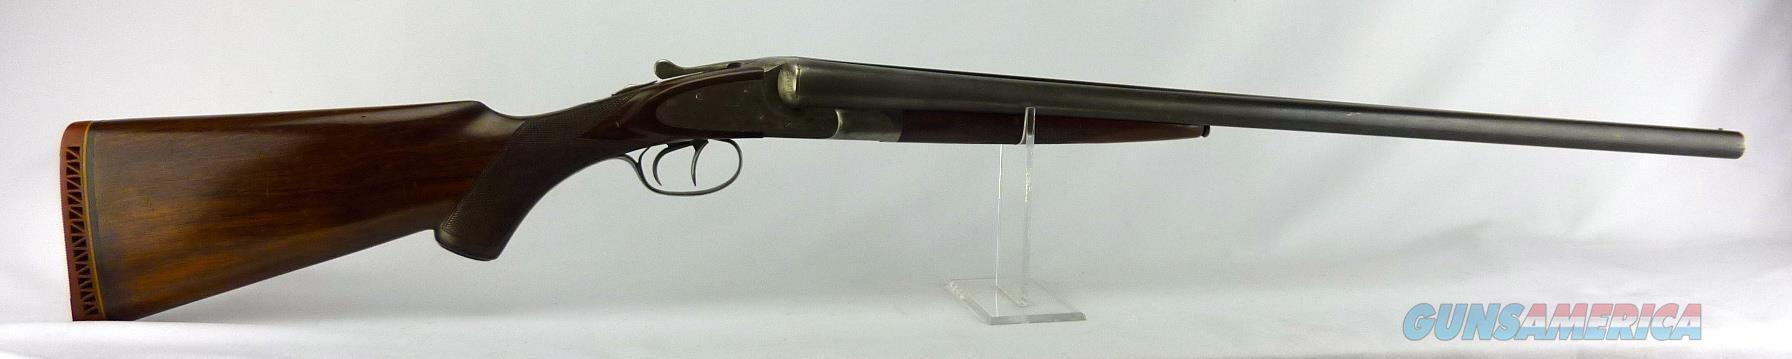 L.C. Smith SxS, 12 ga.  Guns > Shotguns > L.C. Smith Shotguns